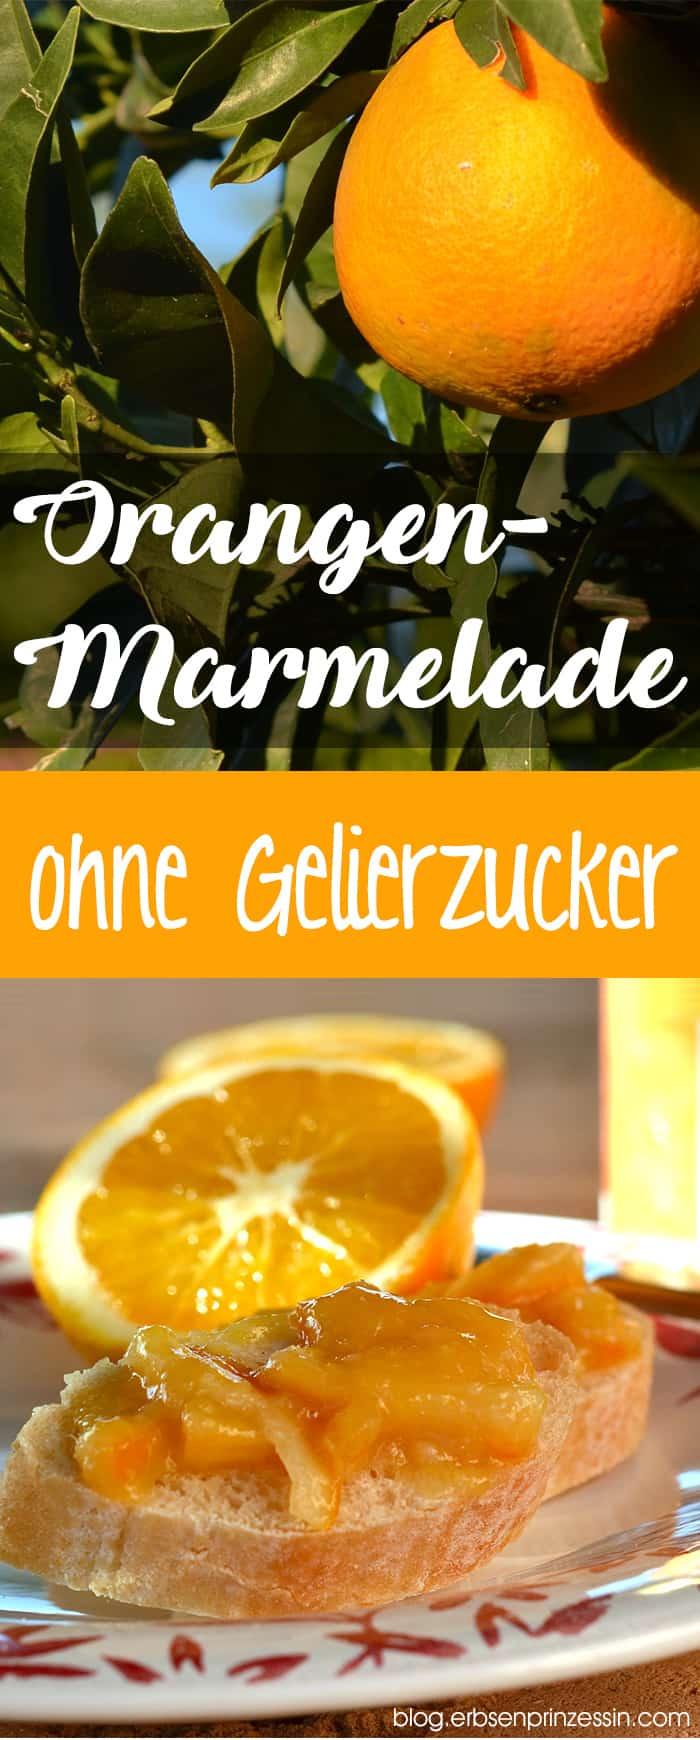 Rezept für mediterrane Orangen-Marmelade ohne Gelierzucker.